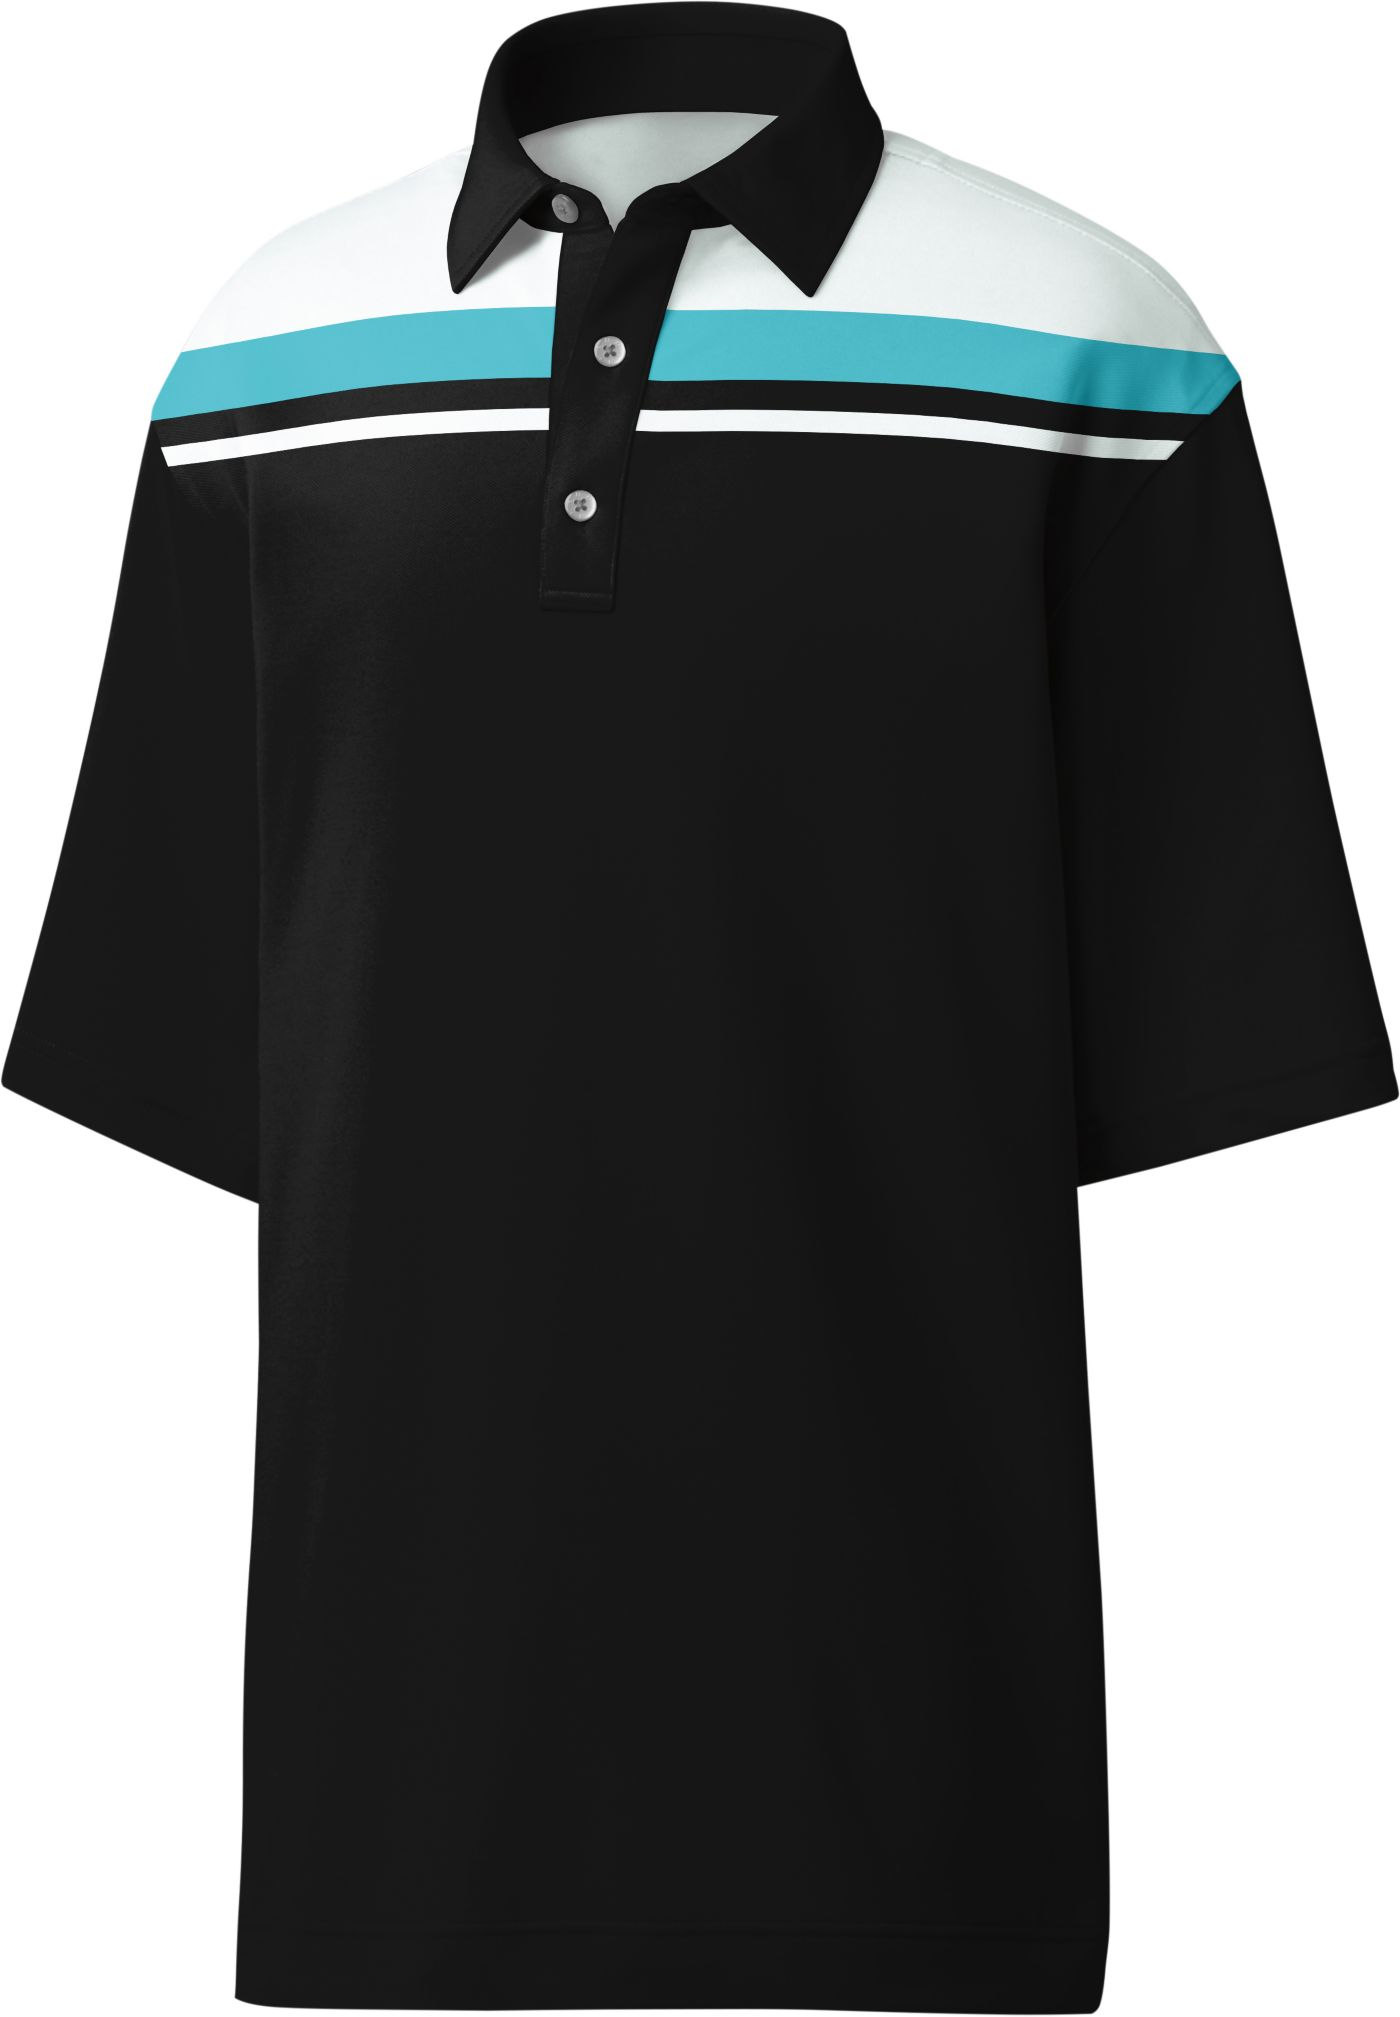 FootJoy Men's Color Block Chest Stripe Golf Polo